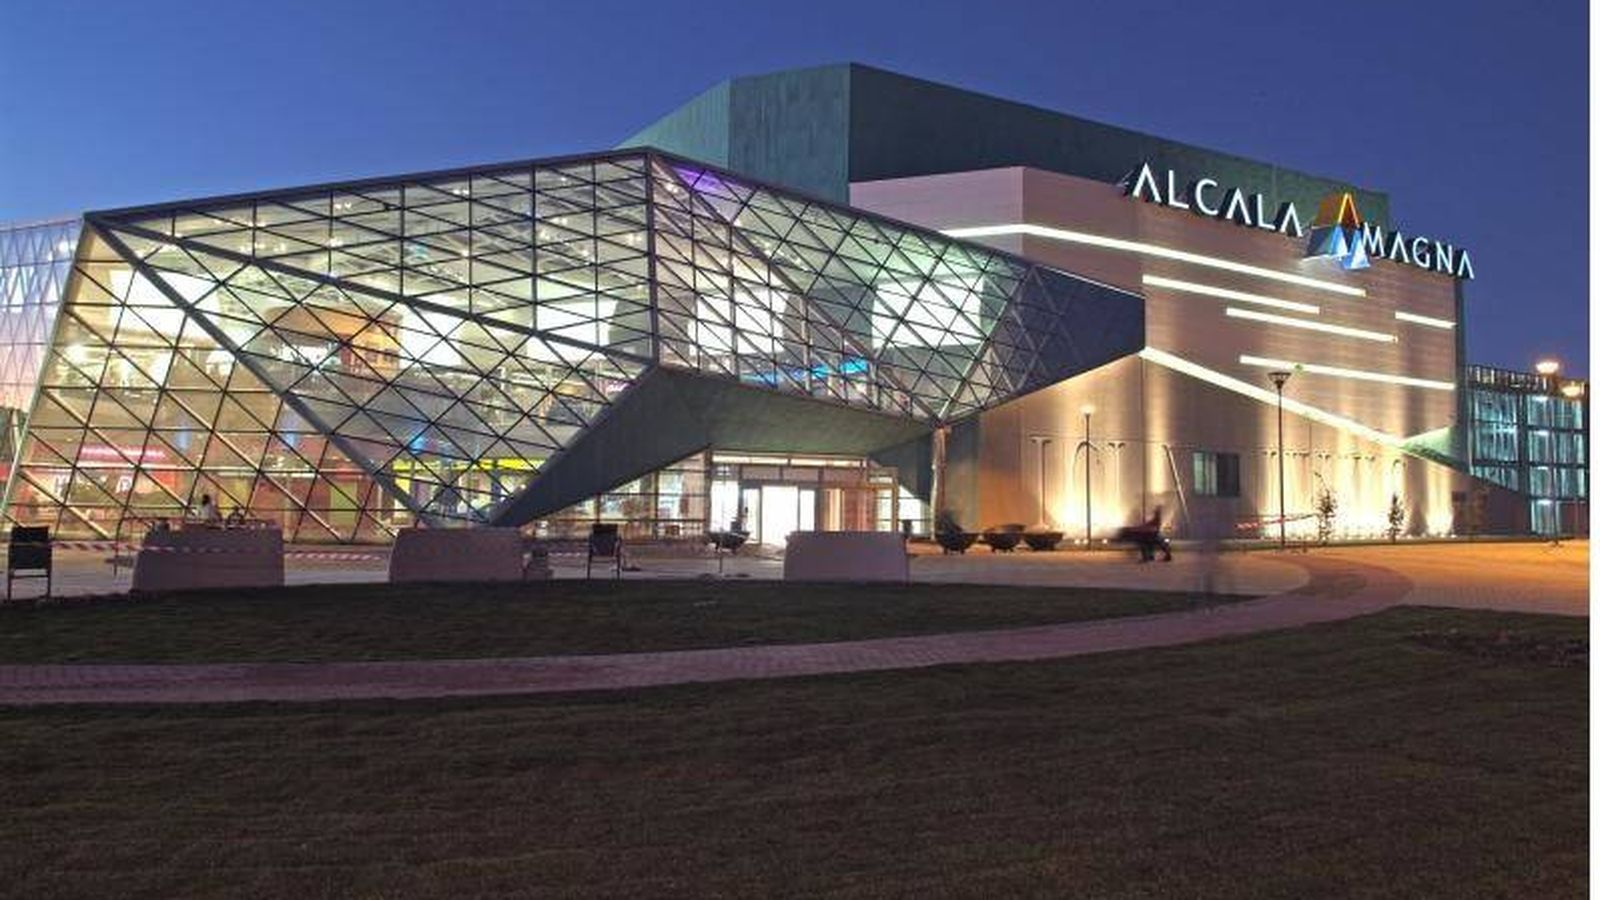 Foto: Centro comercial Alcalá Magna.